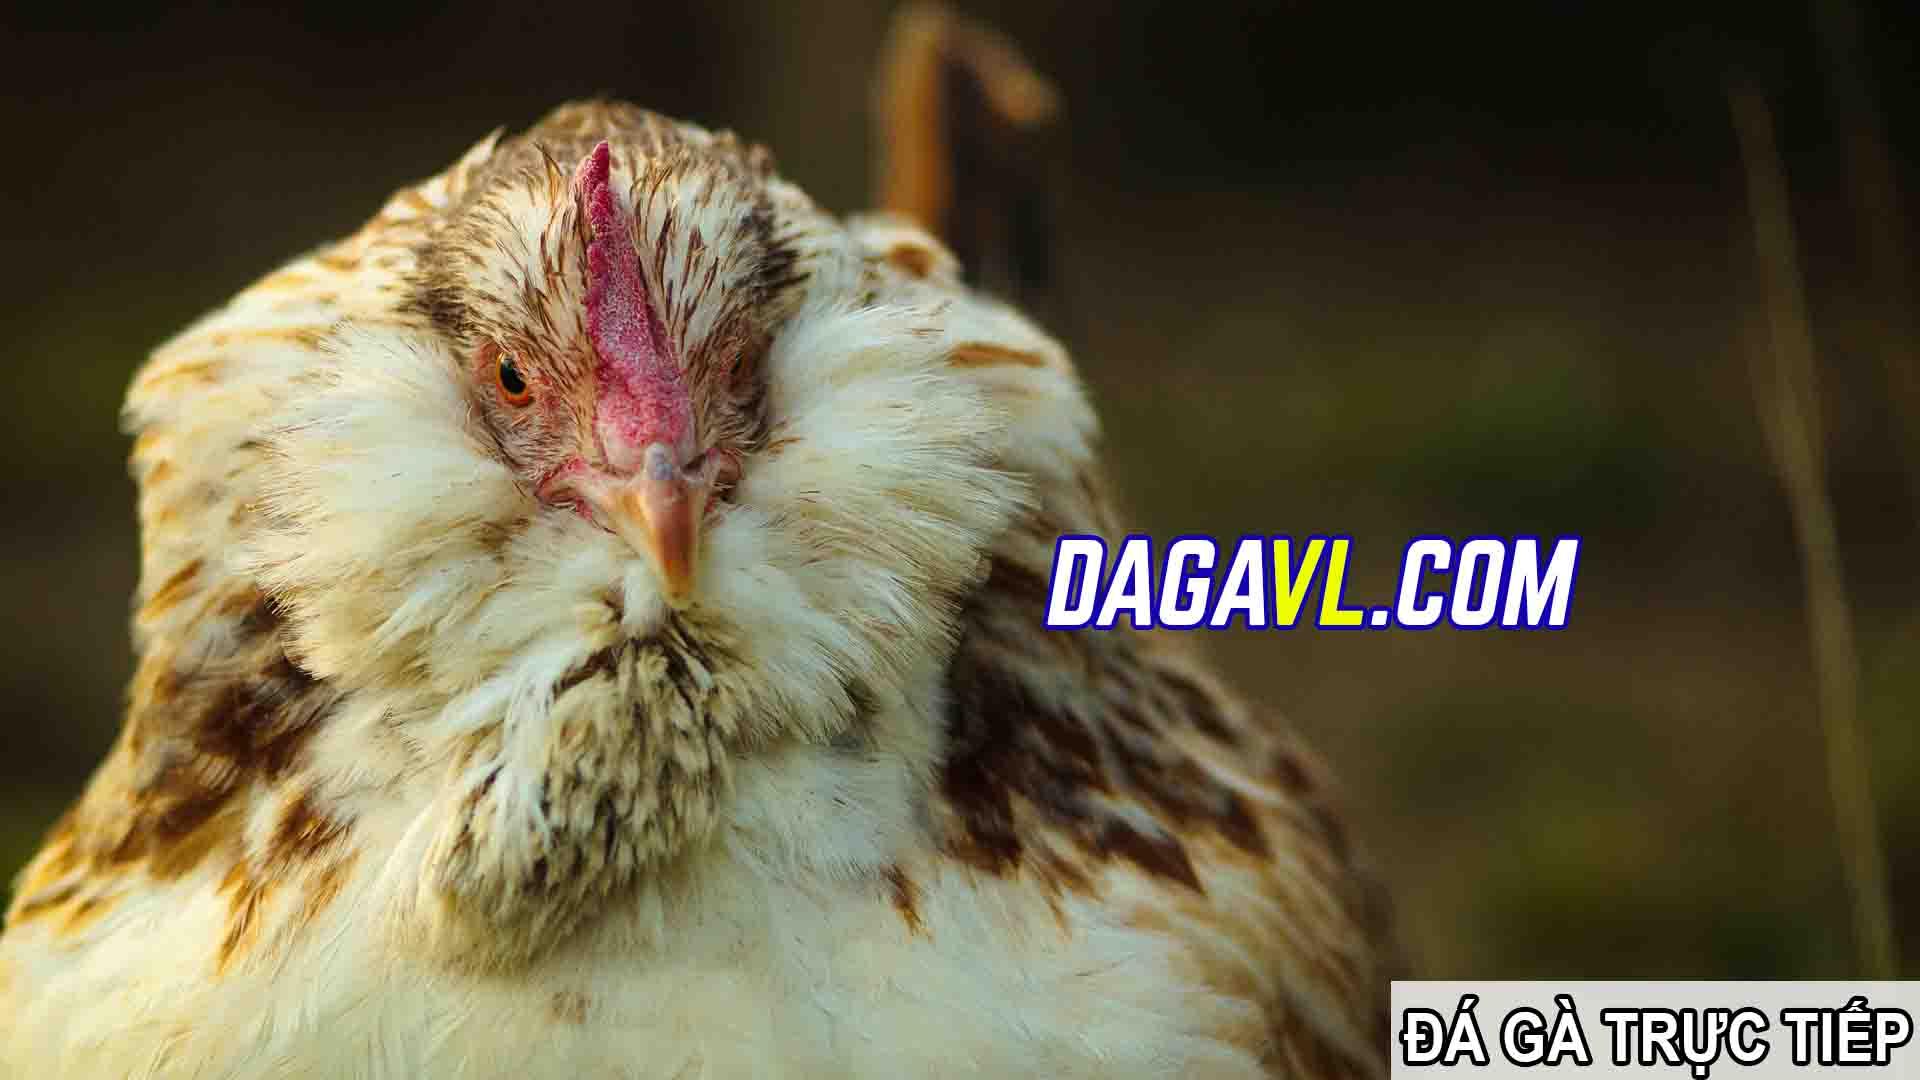 DAGAVL.COM - đá gà trực tiếp. Chú gà đá giá 2000 đô